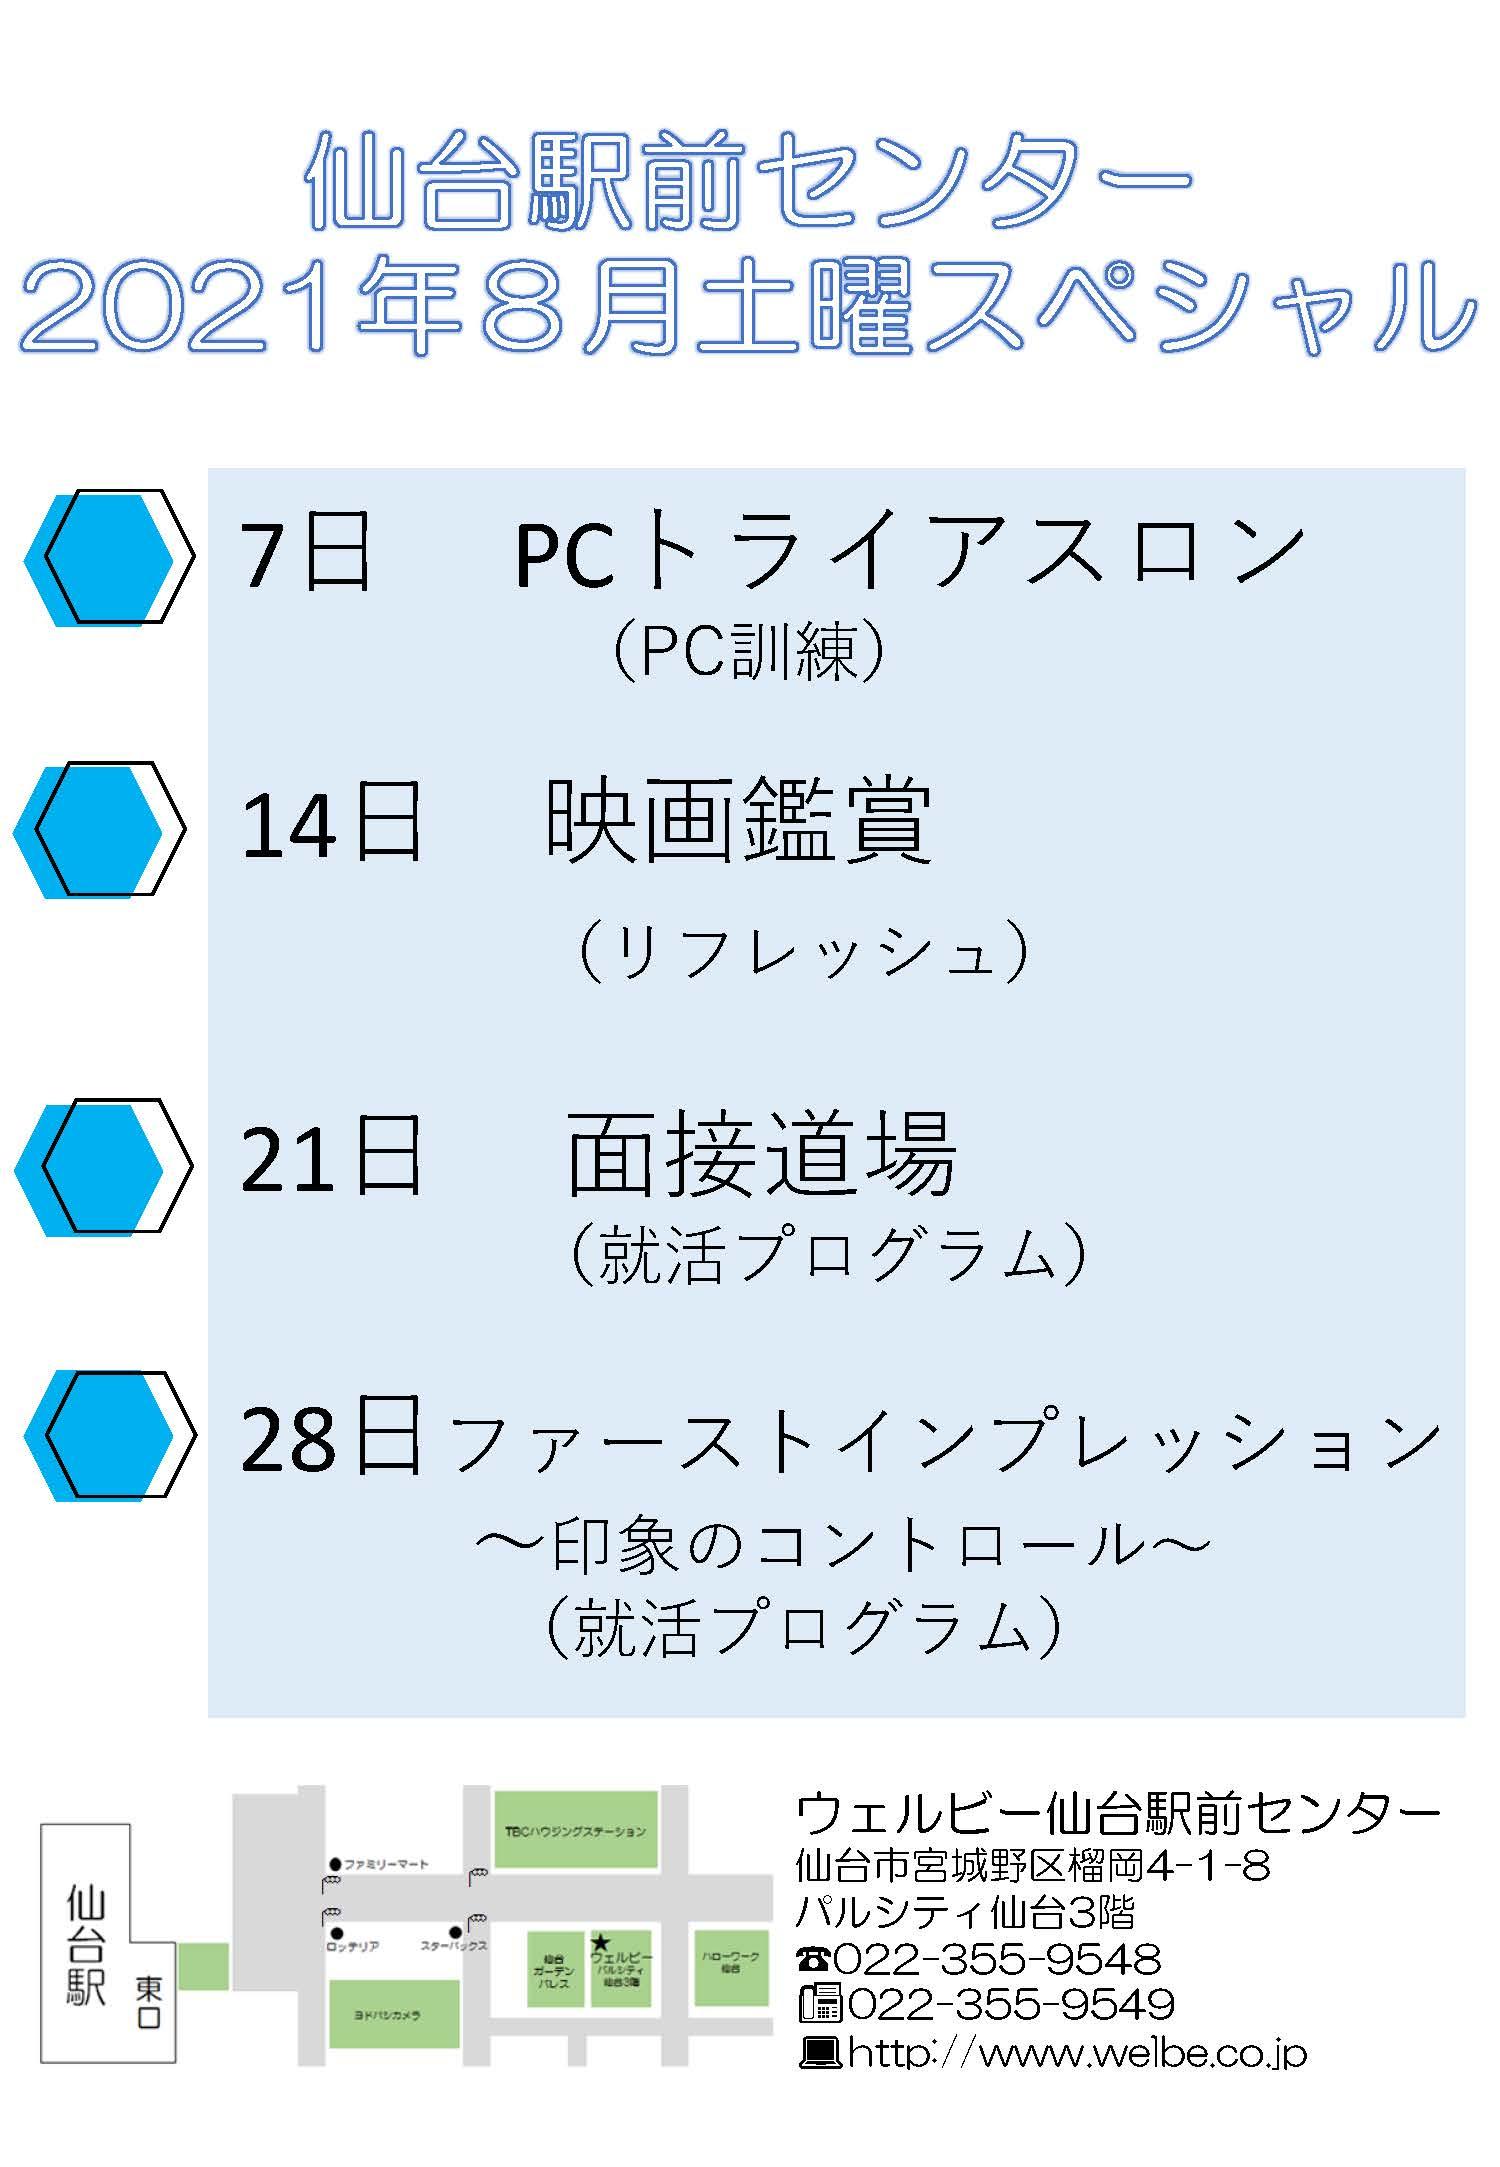 ウェルビー仙台駅前センター202108(データ④)土曜スペシャル+